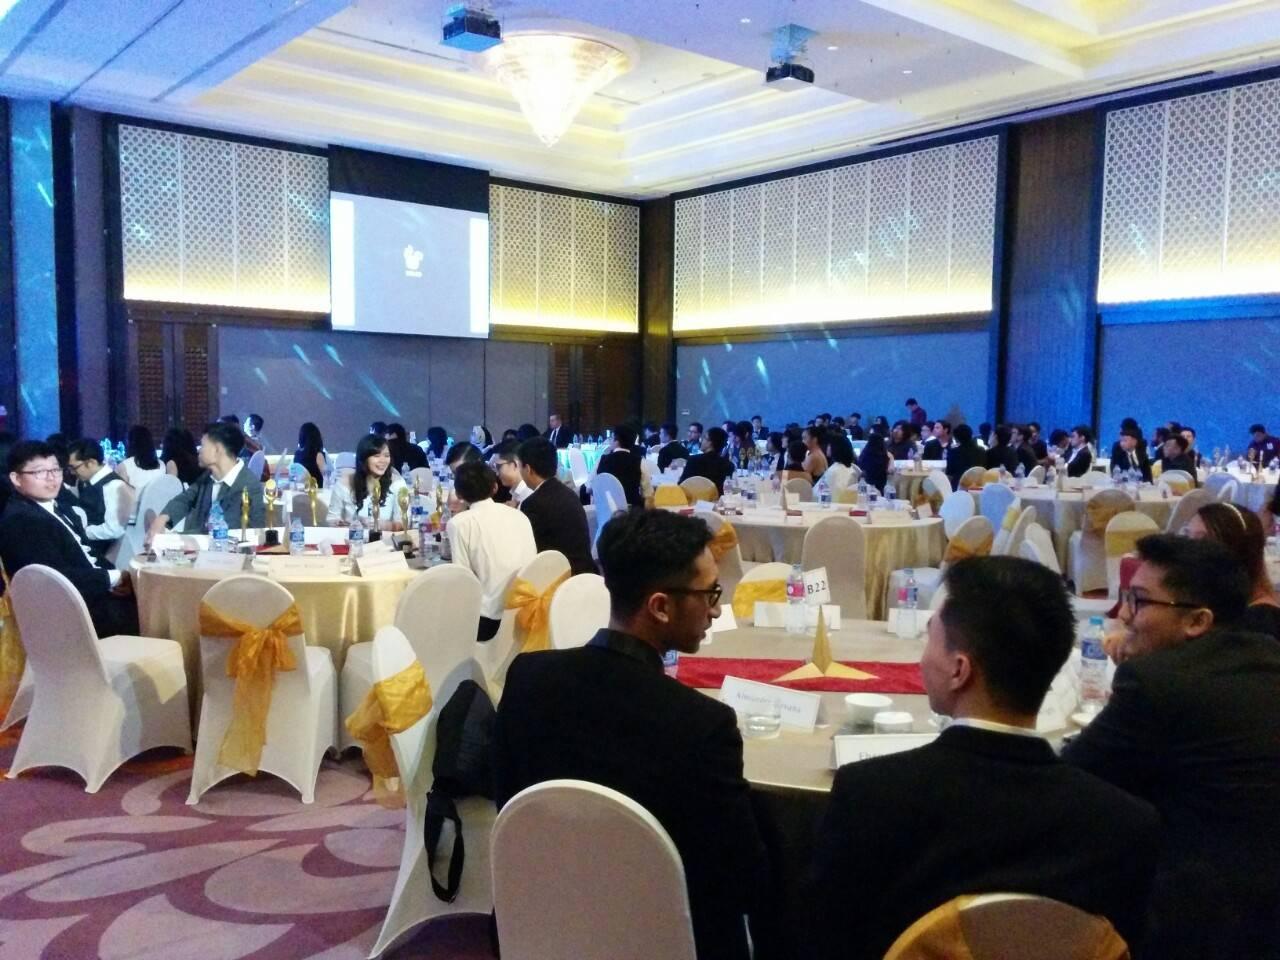 Suasana acara Malam Penghargaan UNPAR (MPU) yang diselenggarakan pada Sabtu (8/4) lalu di Hotel Mercure. Dok/ PM UNPAR